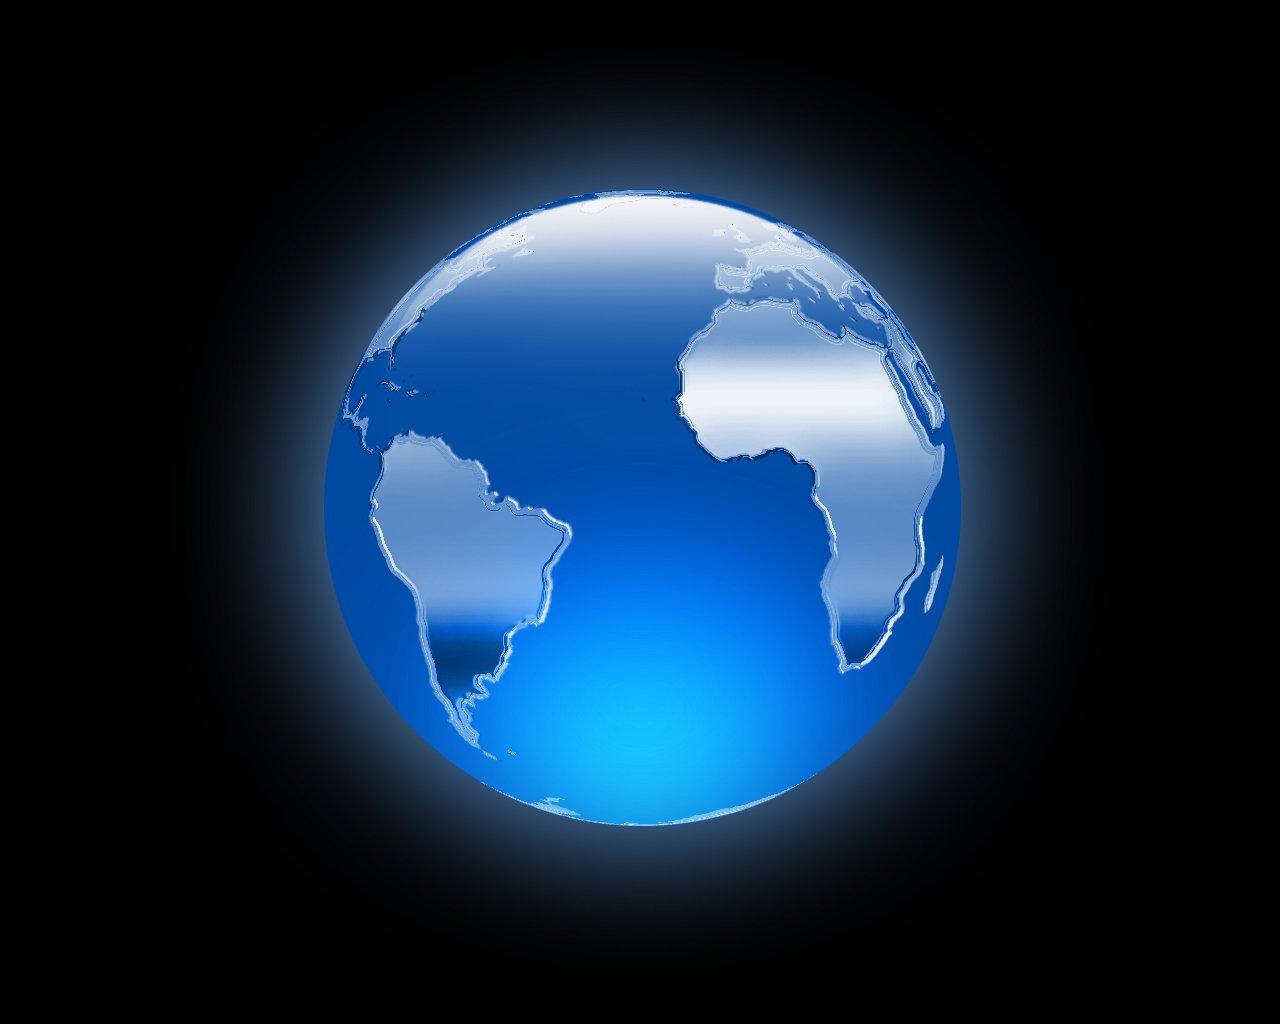 http://4.bp.blogspot.com/-537mXrEWEeM/T38ZeOlD_vI/AAAAAAAAAZk/KGkvwCgksfQ/s1600/3d-earth-wallpaper-1280x1024.jpg